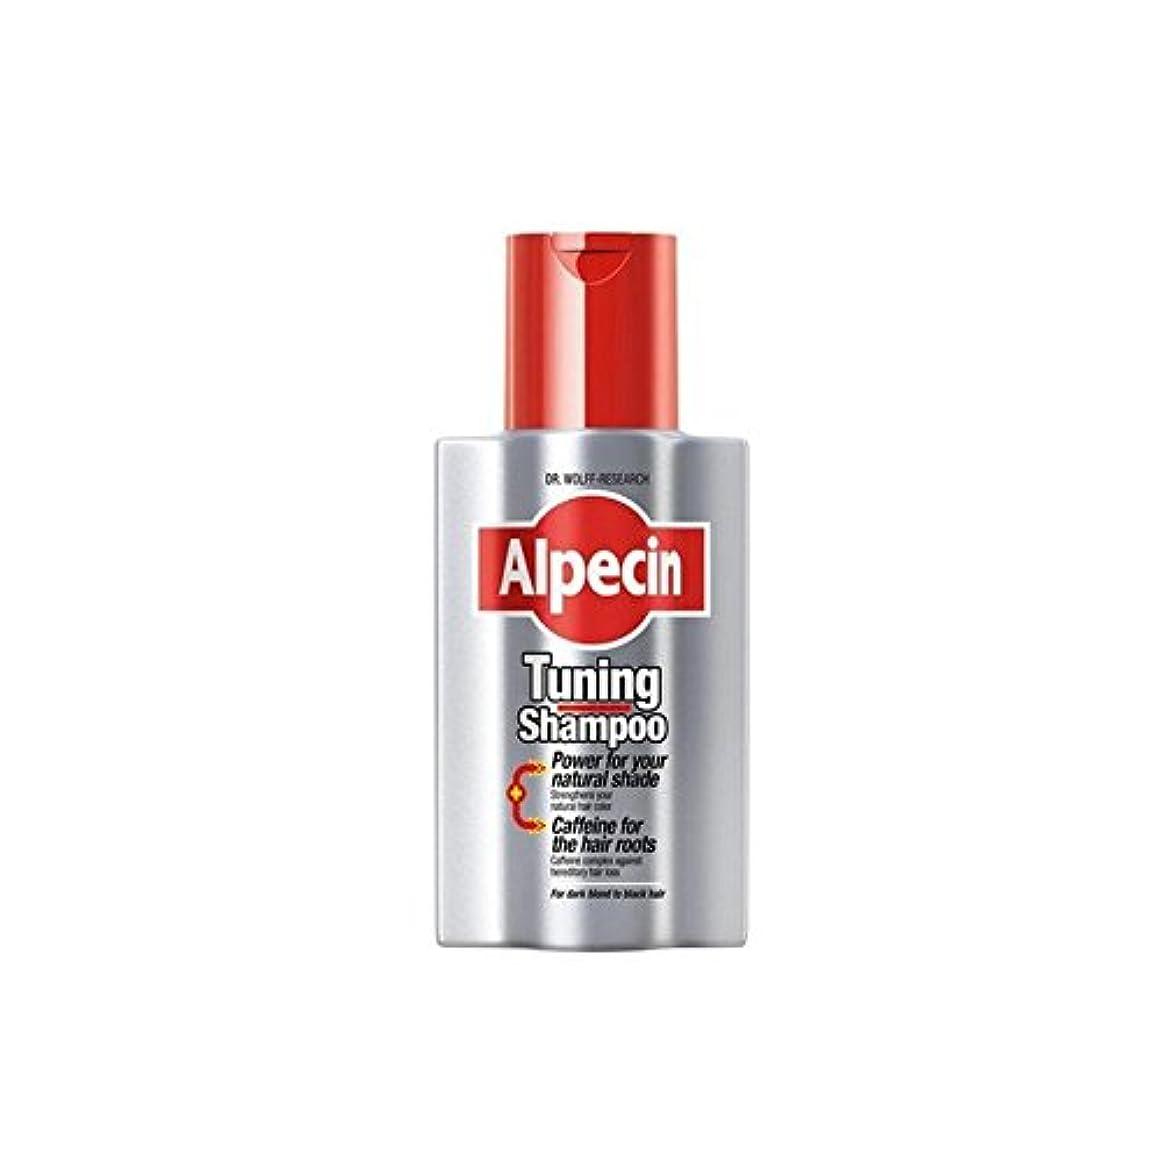 広範囲に悲惨騒Alpecin Tuning Shampoo (200ml) - チューニングシャンプー(200ミリリットル) [並行輸入品]